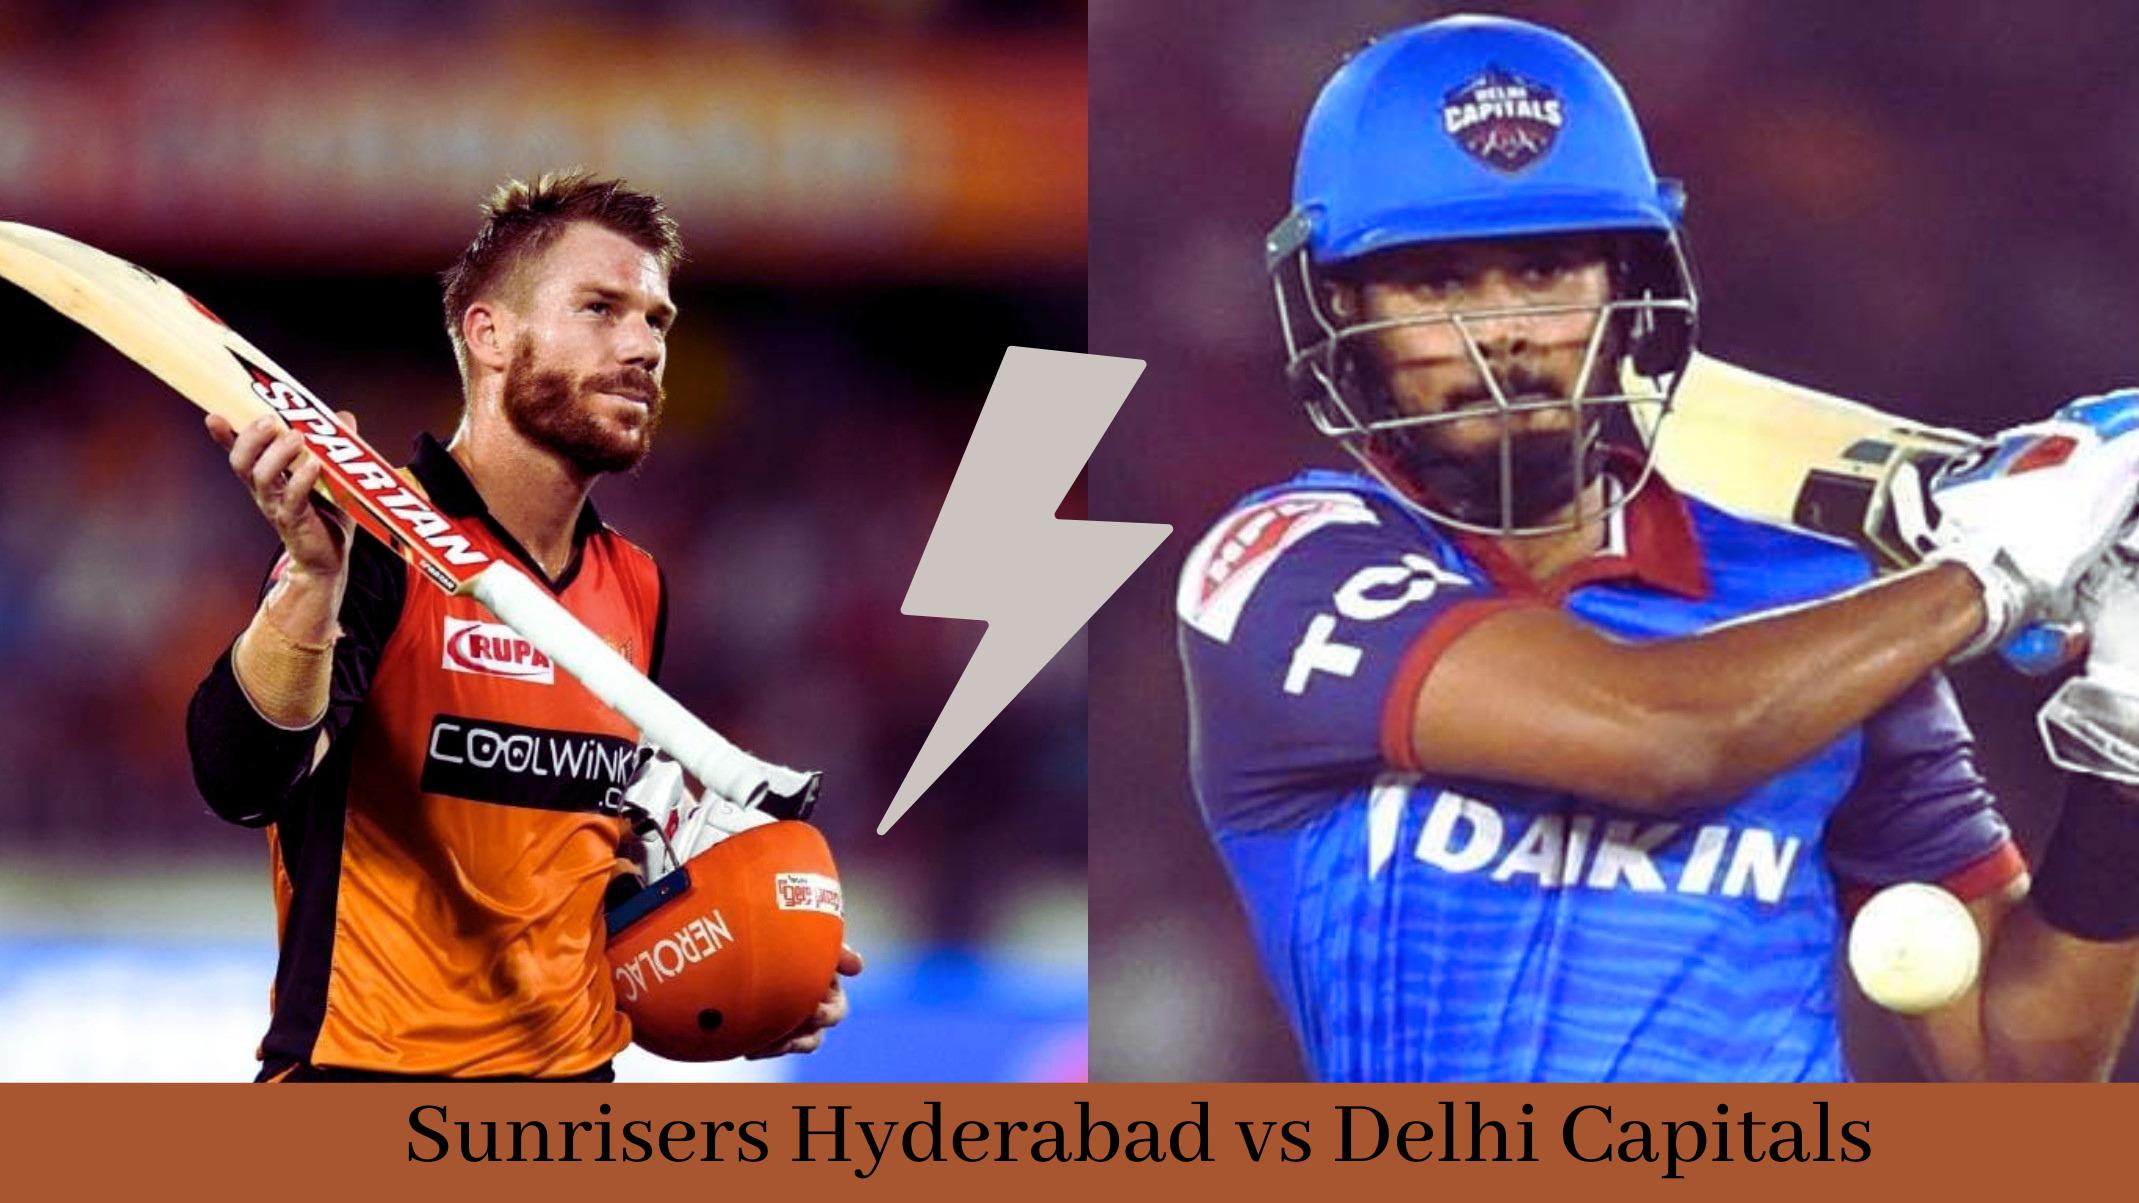 Sunrisers Hyderabad vs Delhi Capitals - match 33